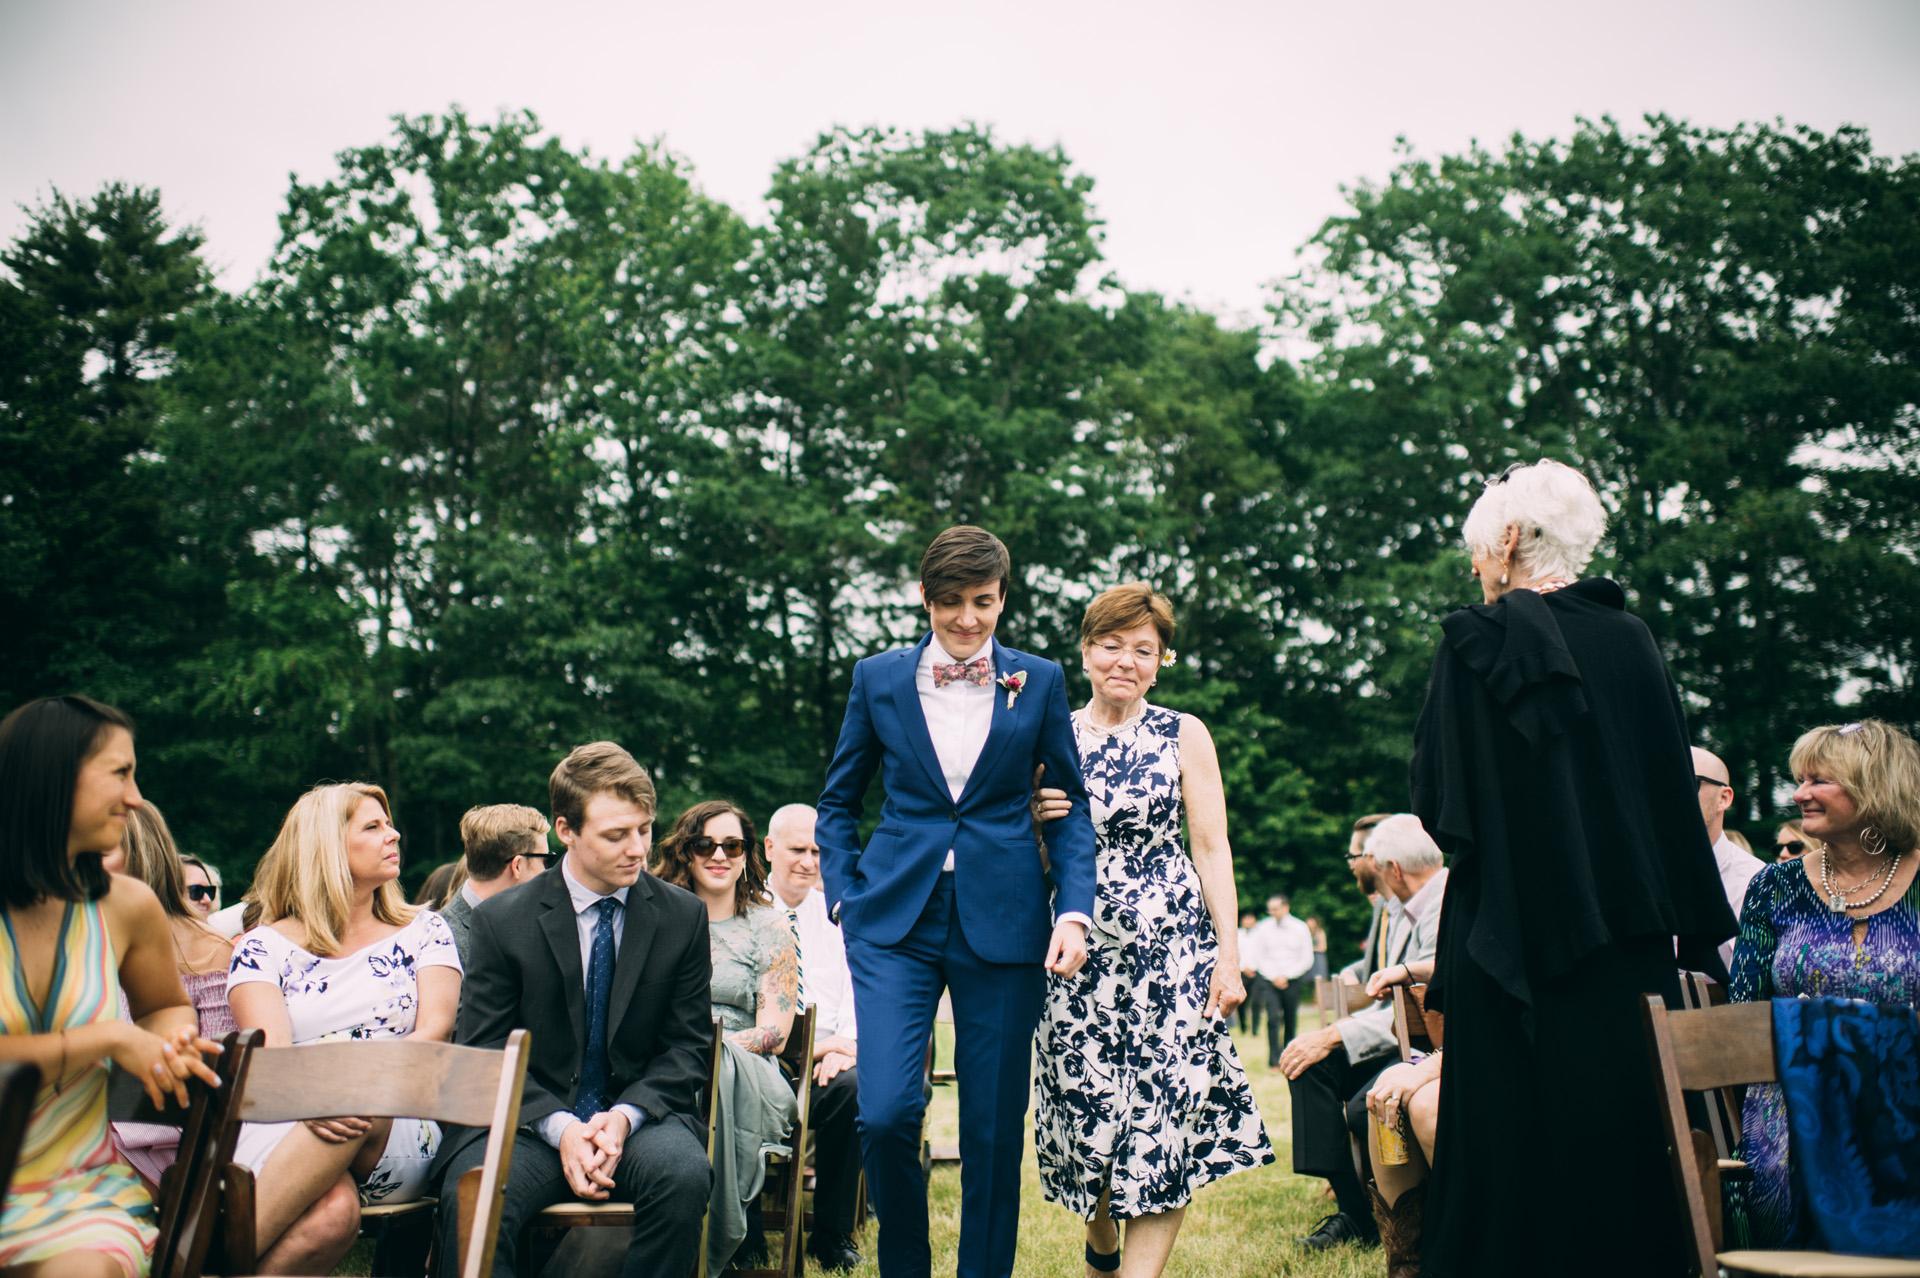 broadturn-farm-wedding-34